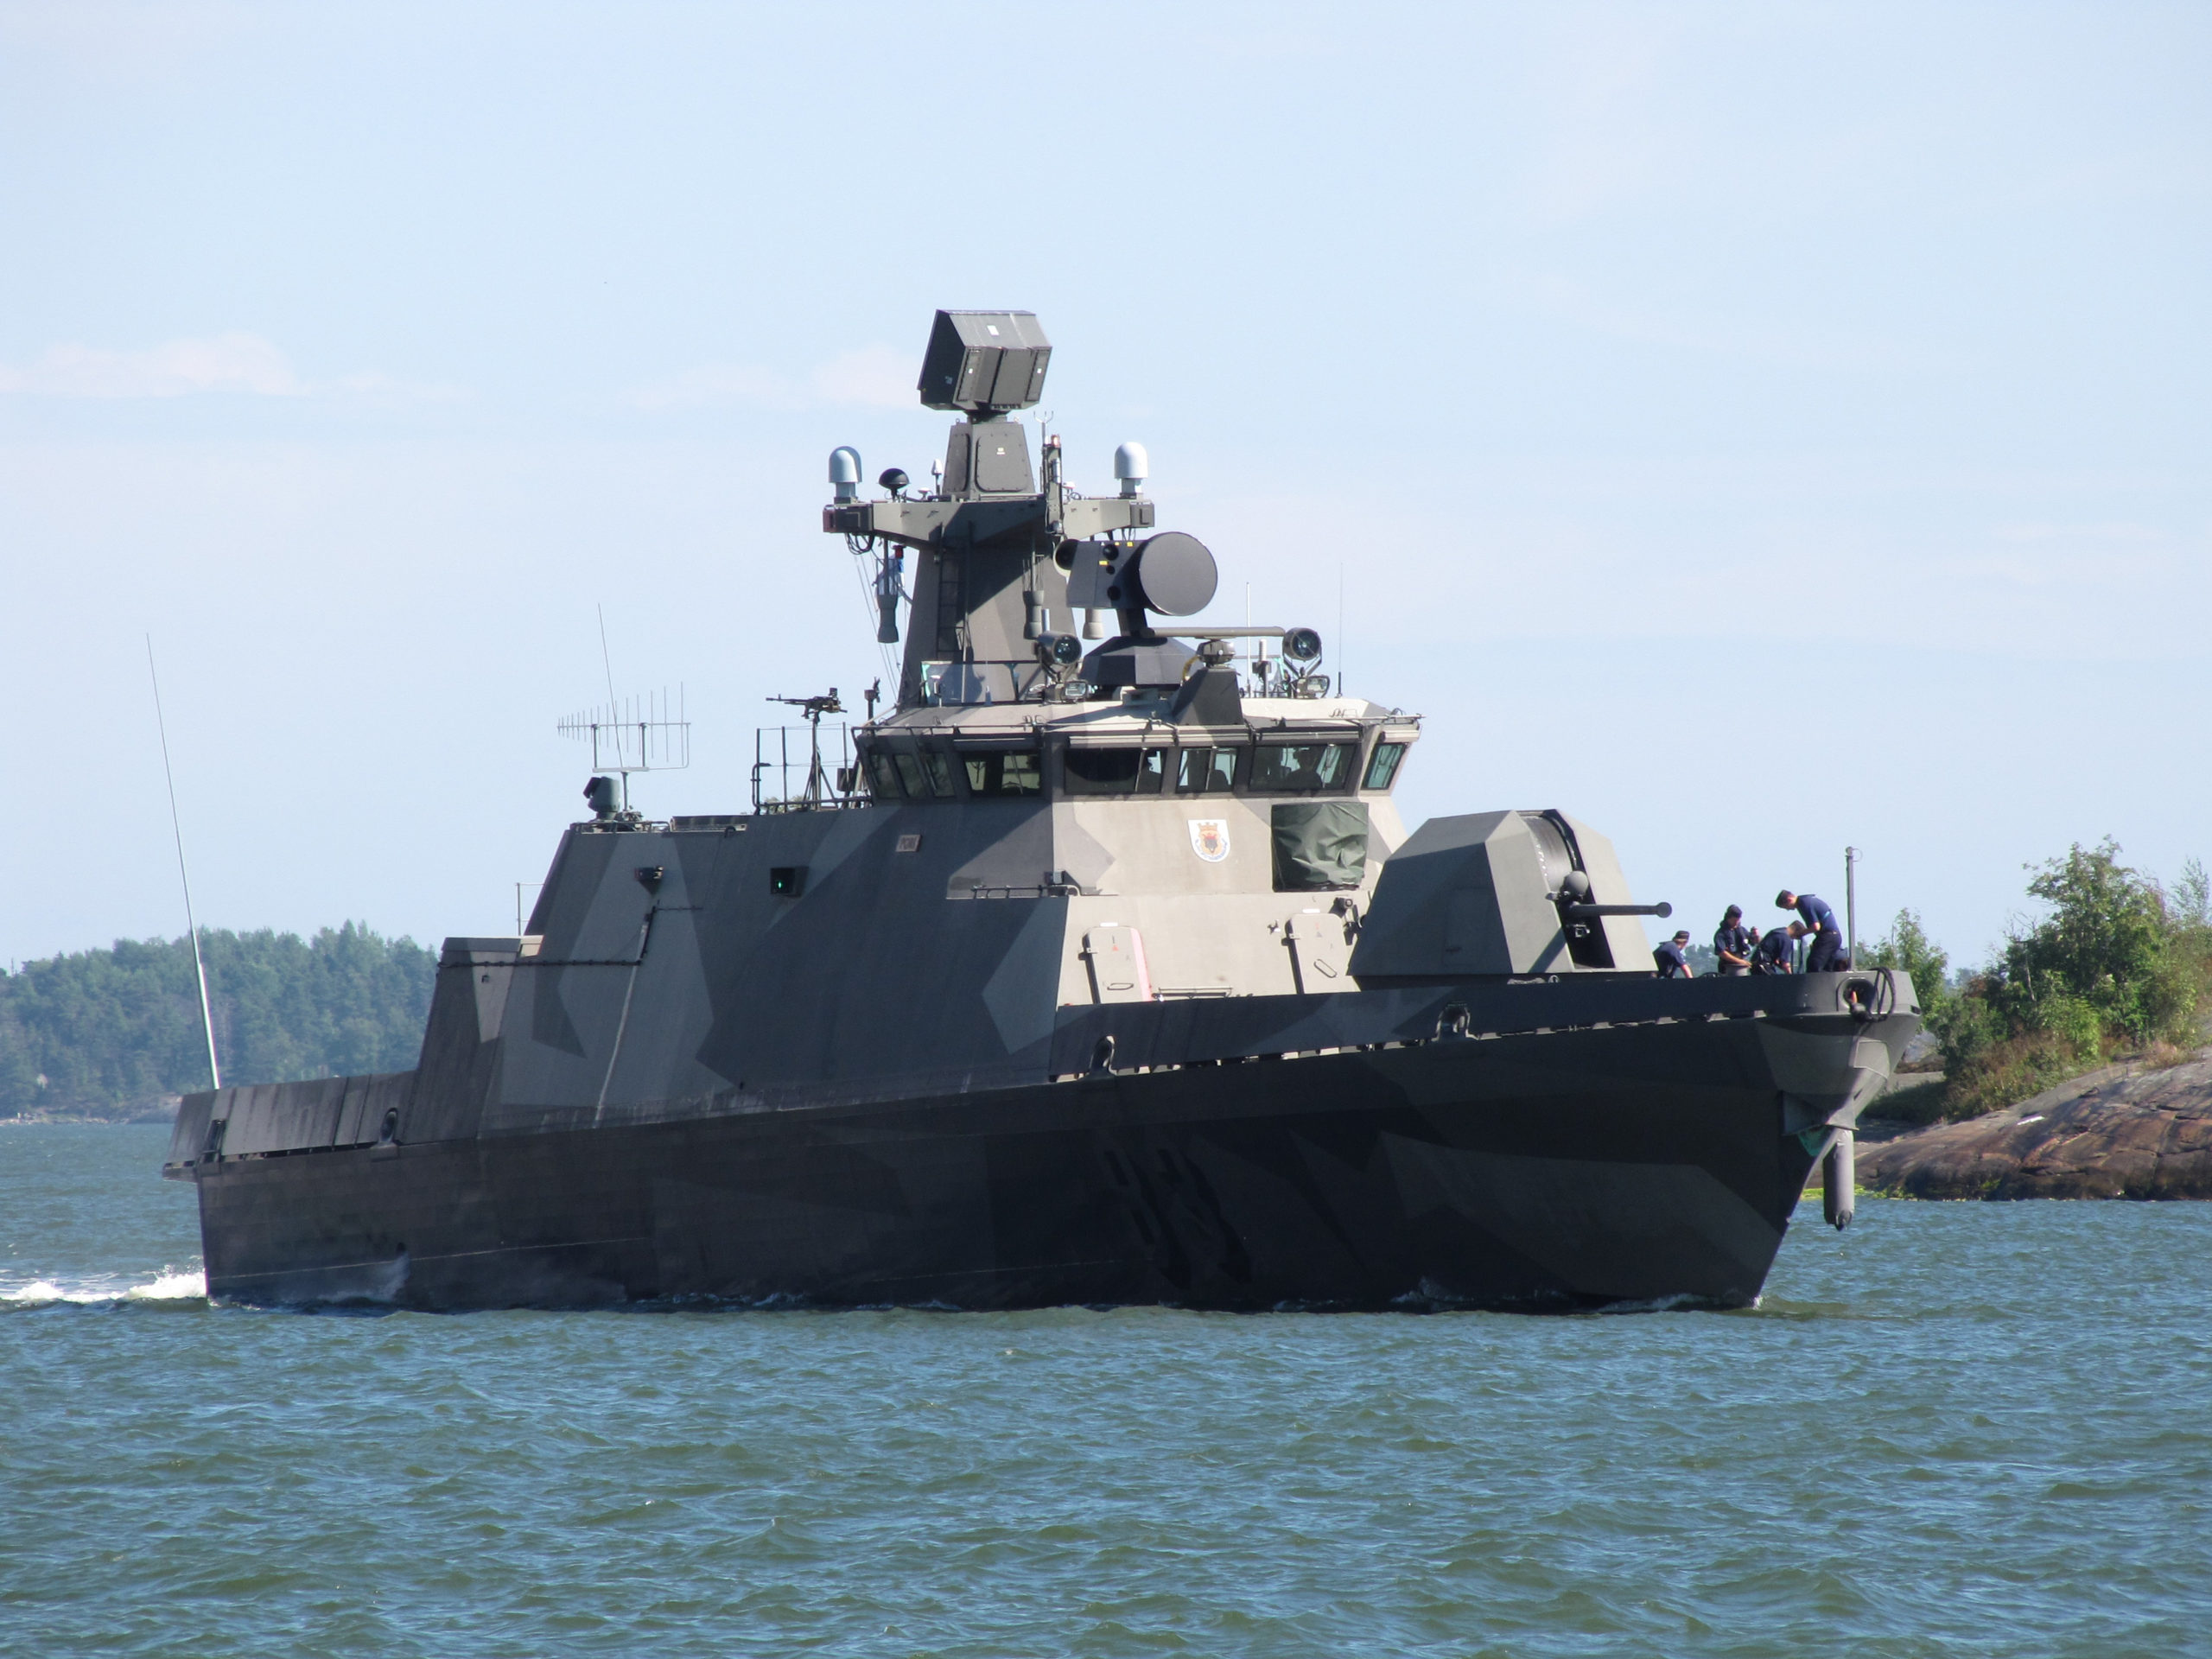 Suomen Hamina-luokan ohjusveneet on modernisoitavatai vaihdettava 2020-luvulla. // KUVA: PUOLUSTUSVOIMAT/WIKIMEDIA COMMONS